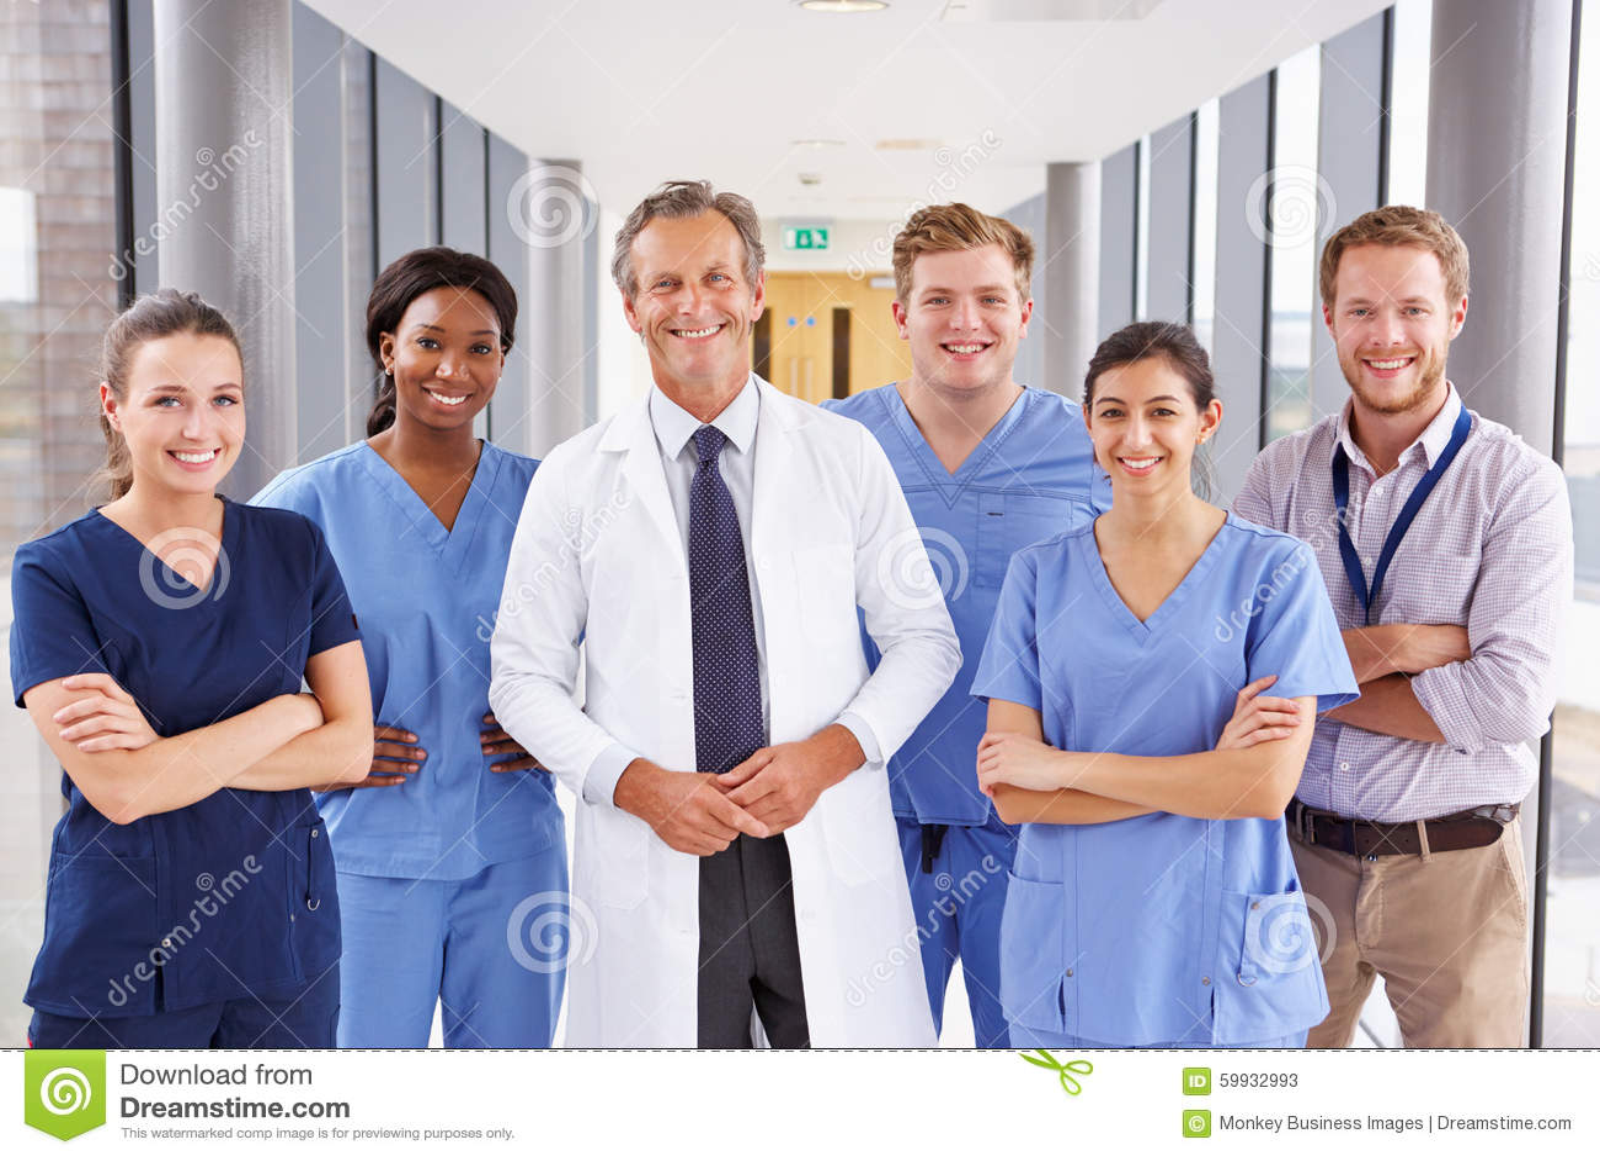 Portret van Medisch Team Standing In Hospital Corridor